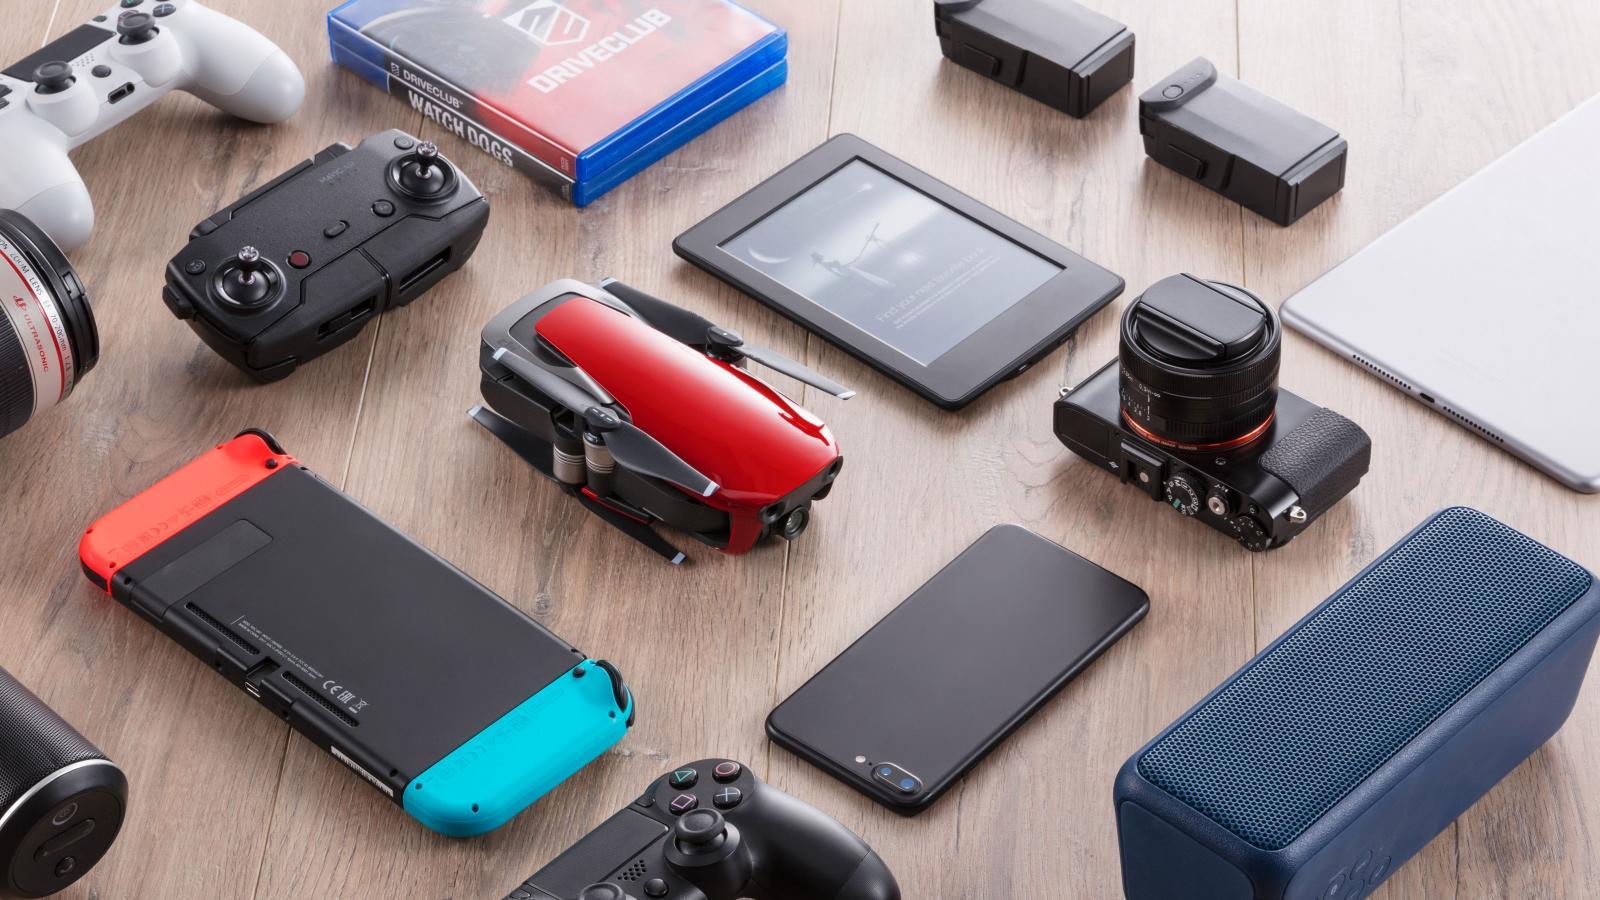 TOP 3 skvělé gadgety nyní ještě levněji díky kupónu! [sponzorovaný článek]